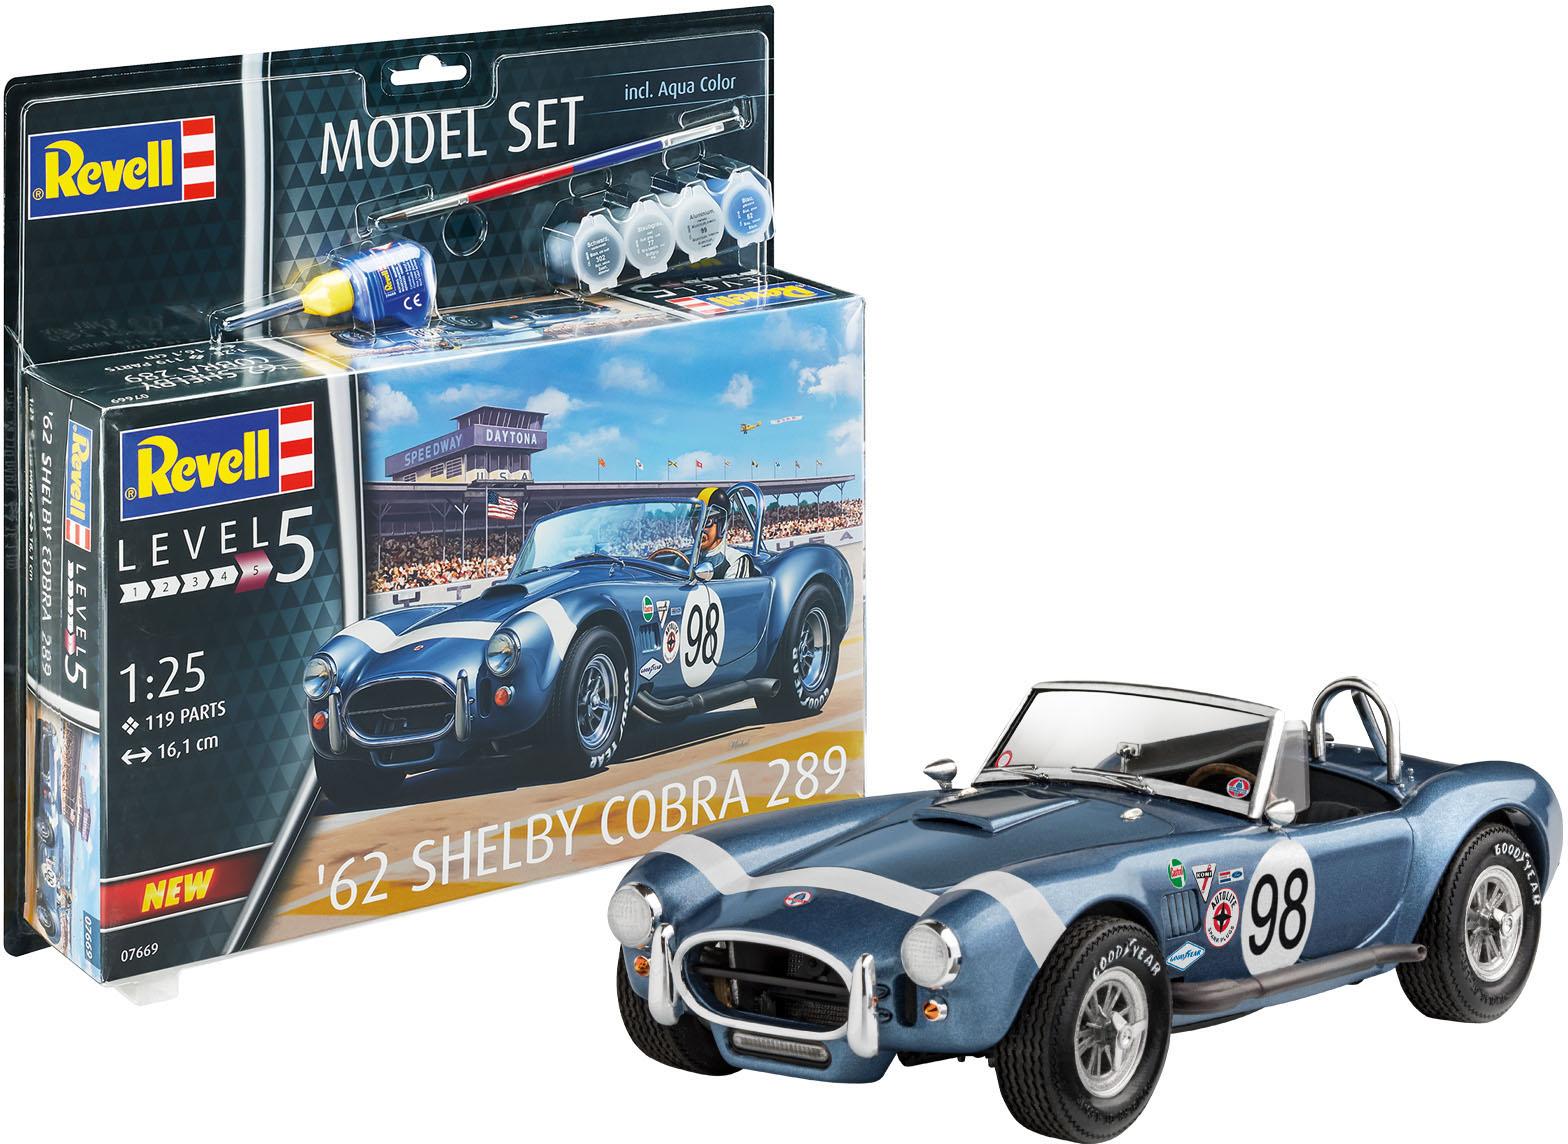 Revell Modellbausatz '62 Shelby Cobra 289, 1:25 blau Kinder Modellbausätze Bauen Konstruieren